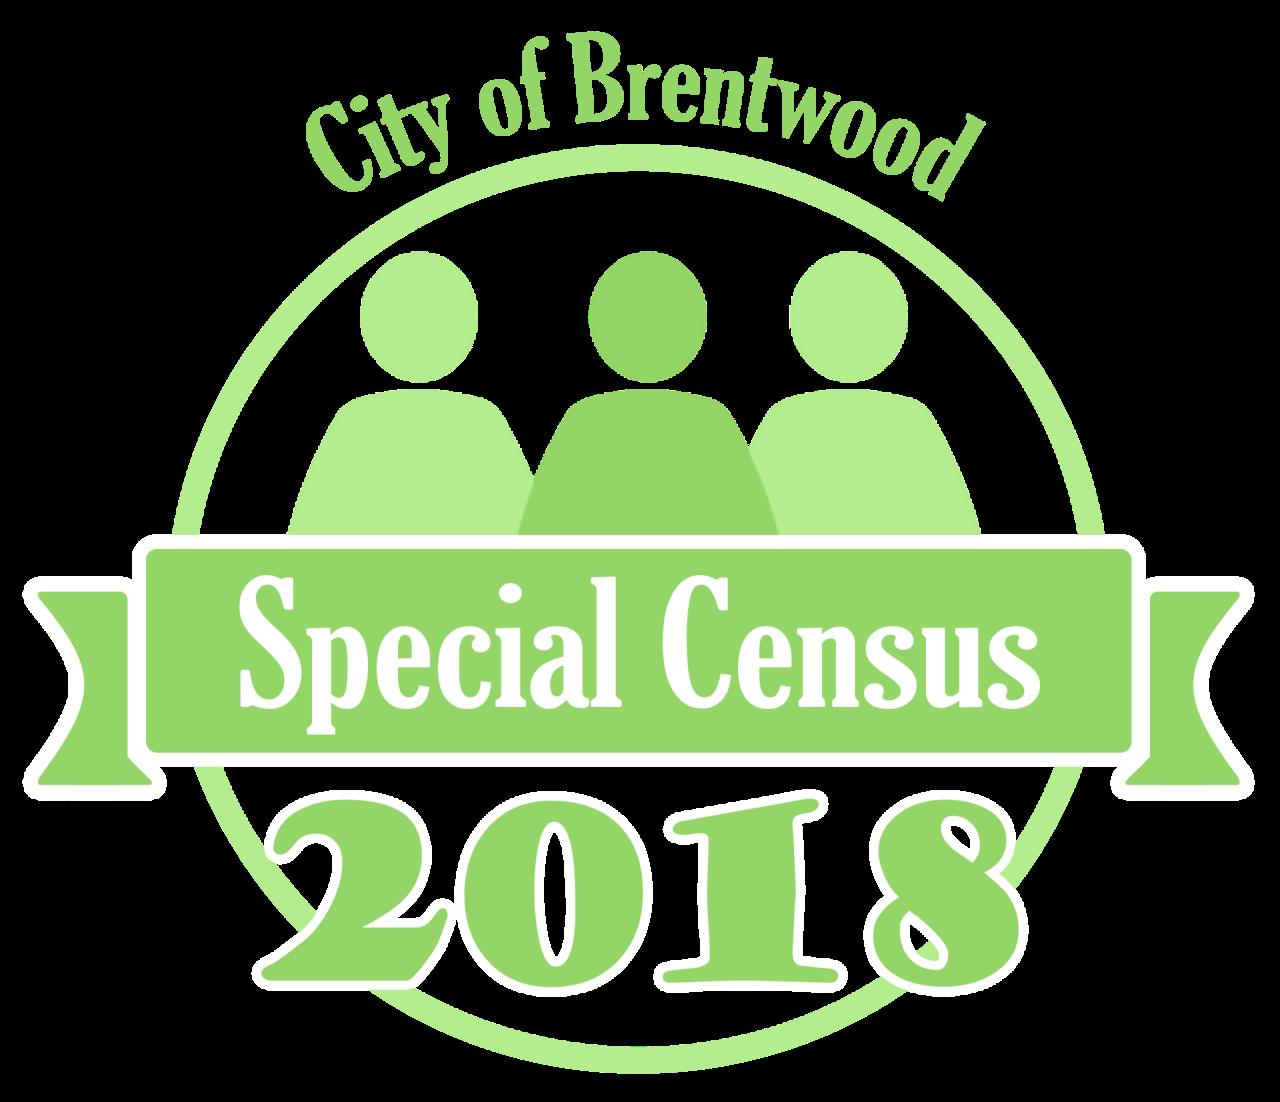 2018 Special Census